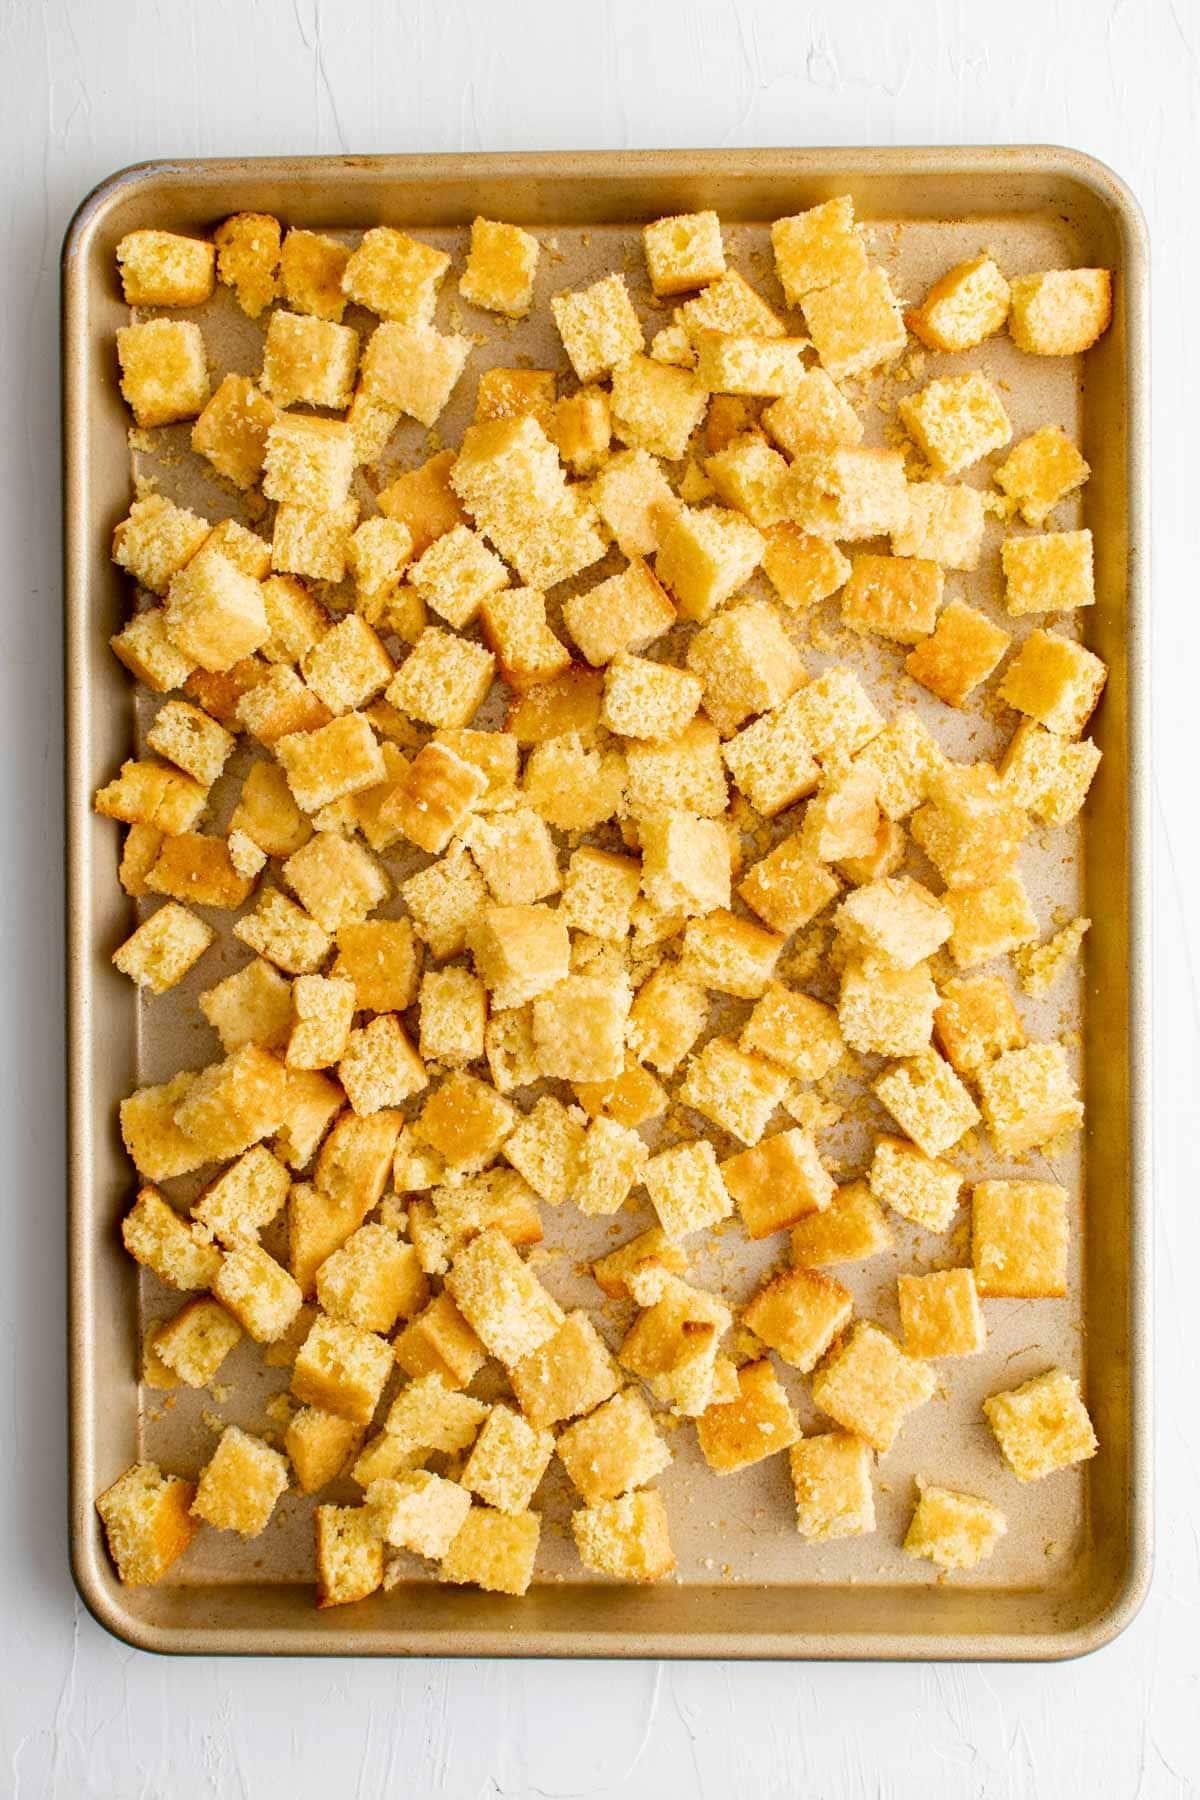 cubes of cornbread on a baking sheet